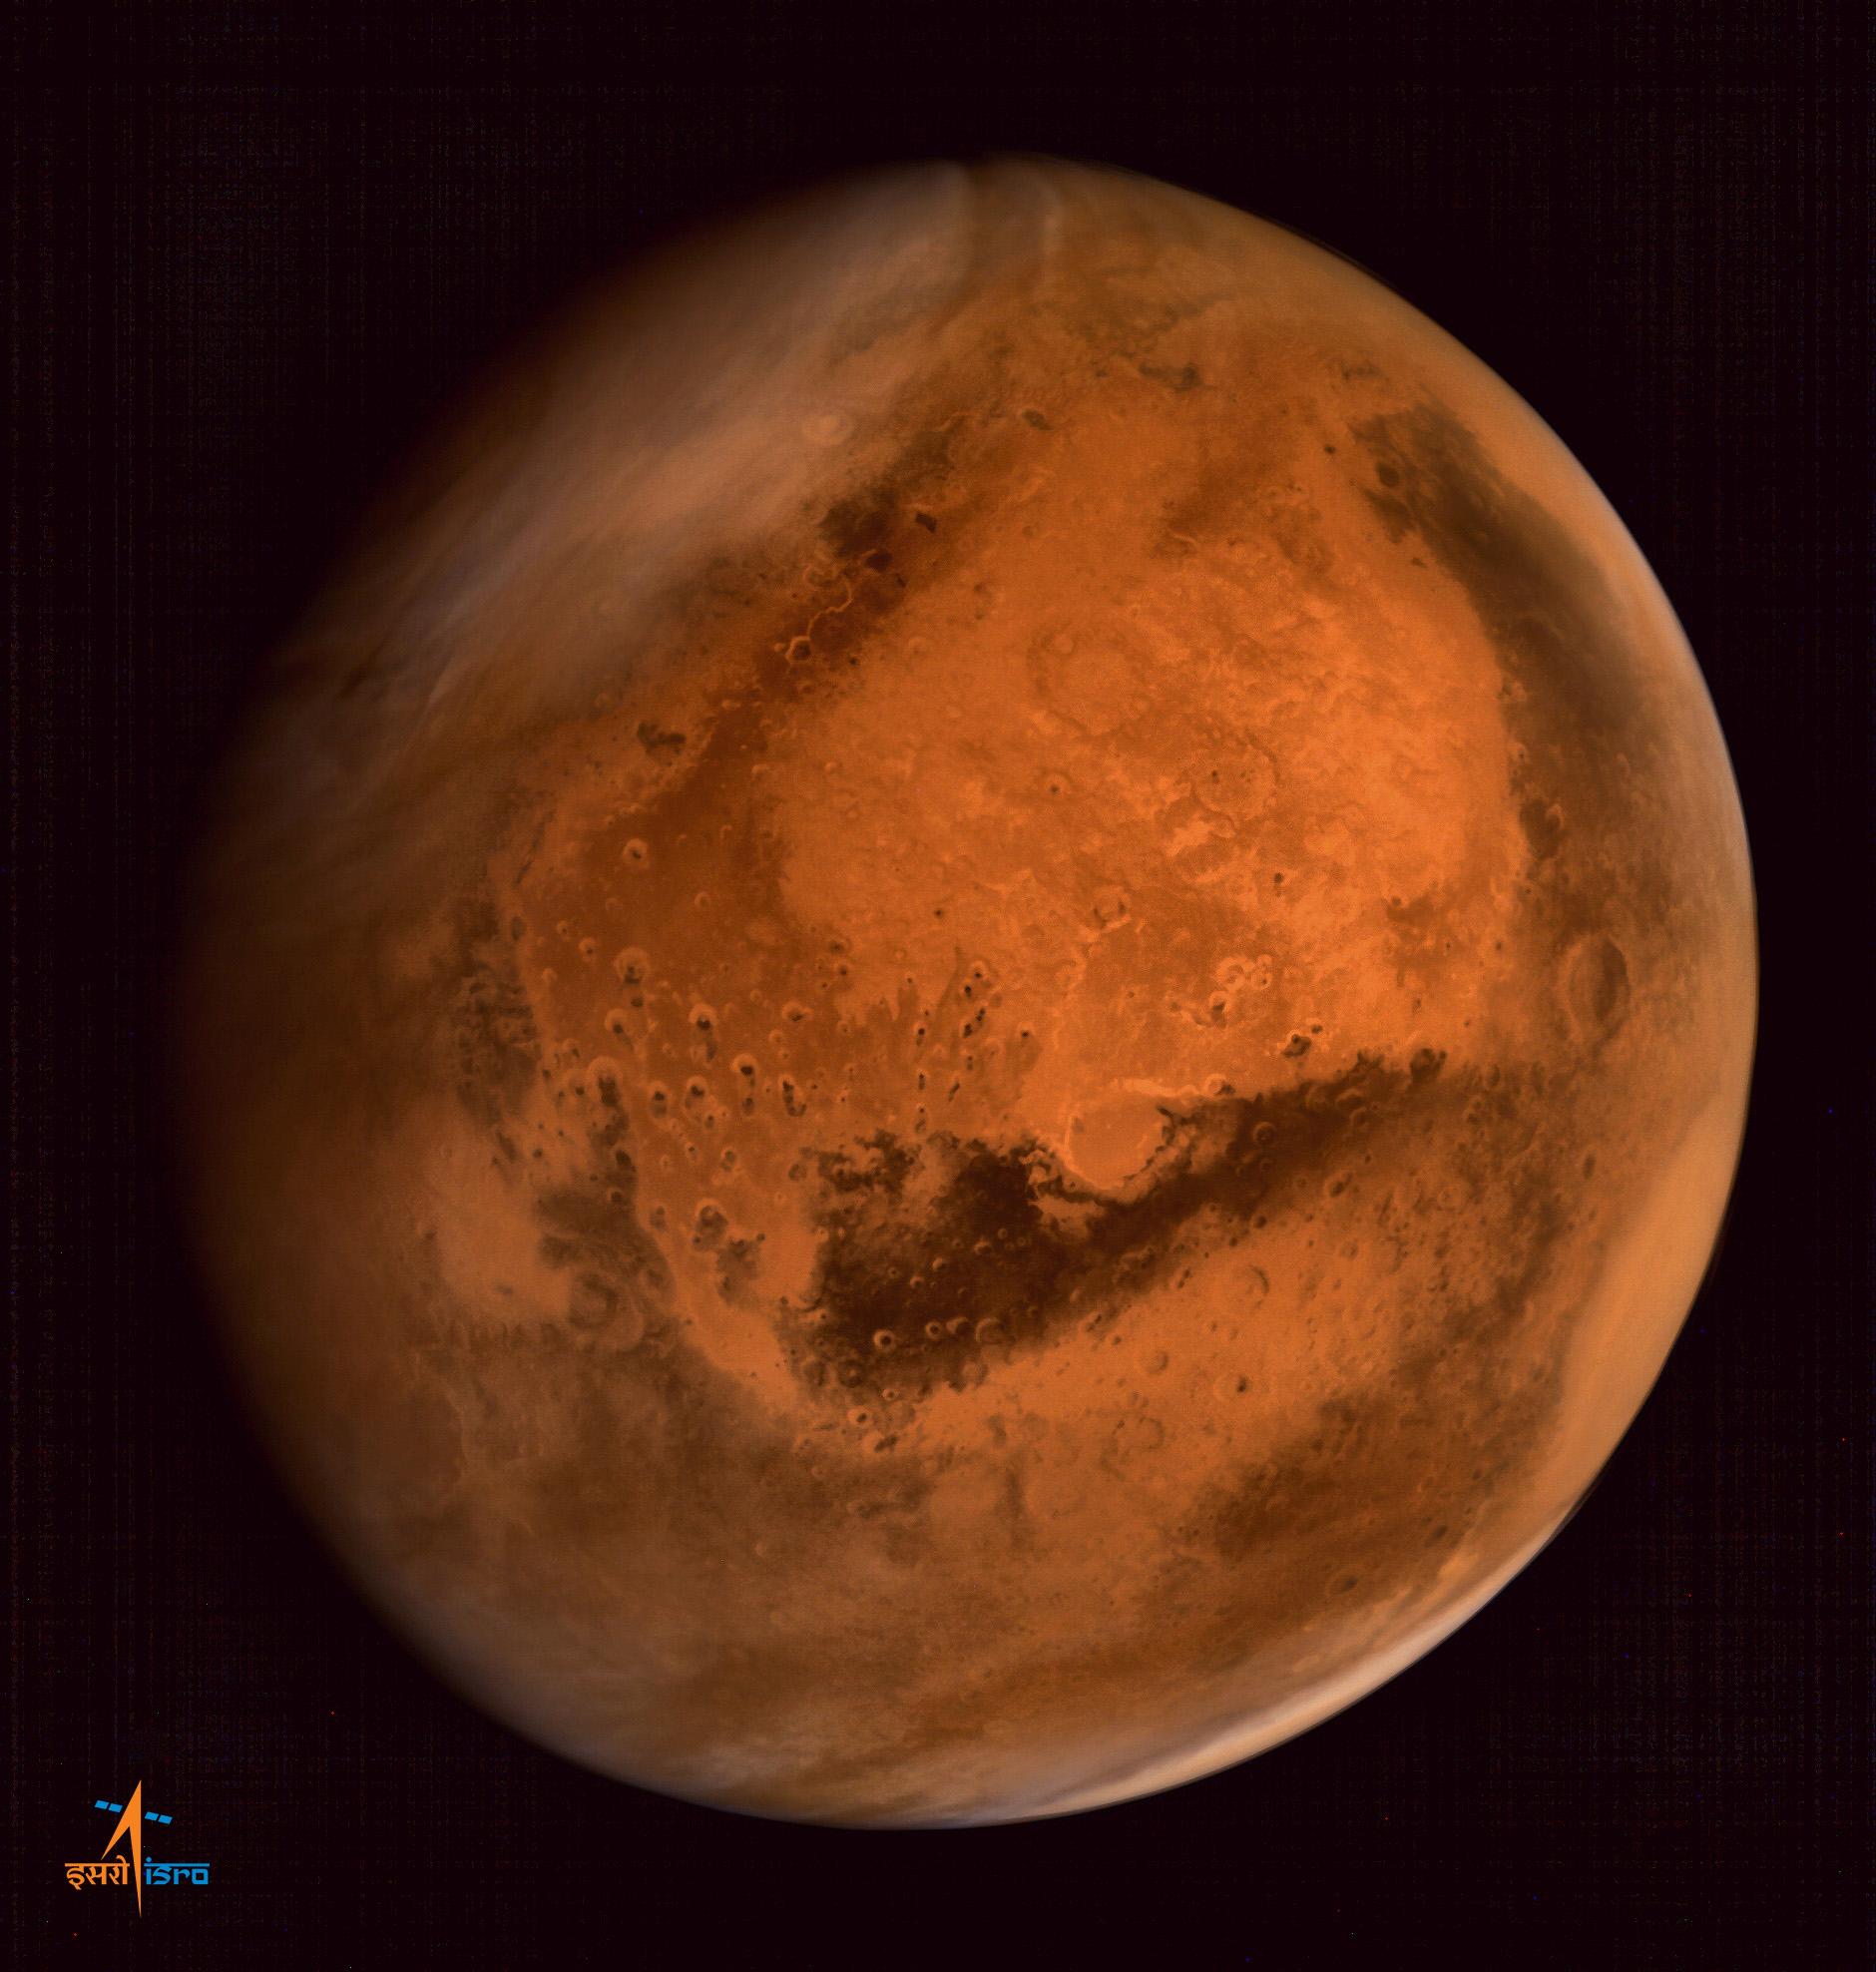 کاوشگر مانگالیان از دوربین رنگی خود برای گرفتن این تصویر در فاصله 74500 کیلومتری از سطح سیاره استفاده کرده است.